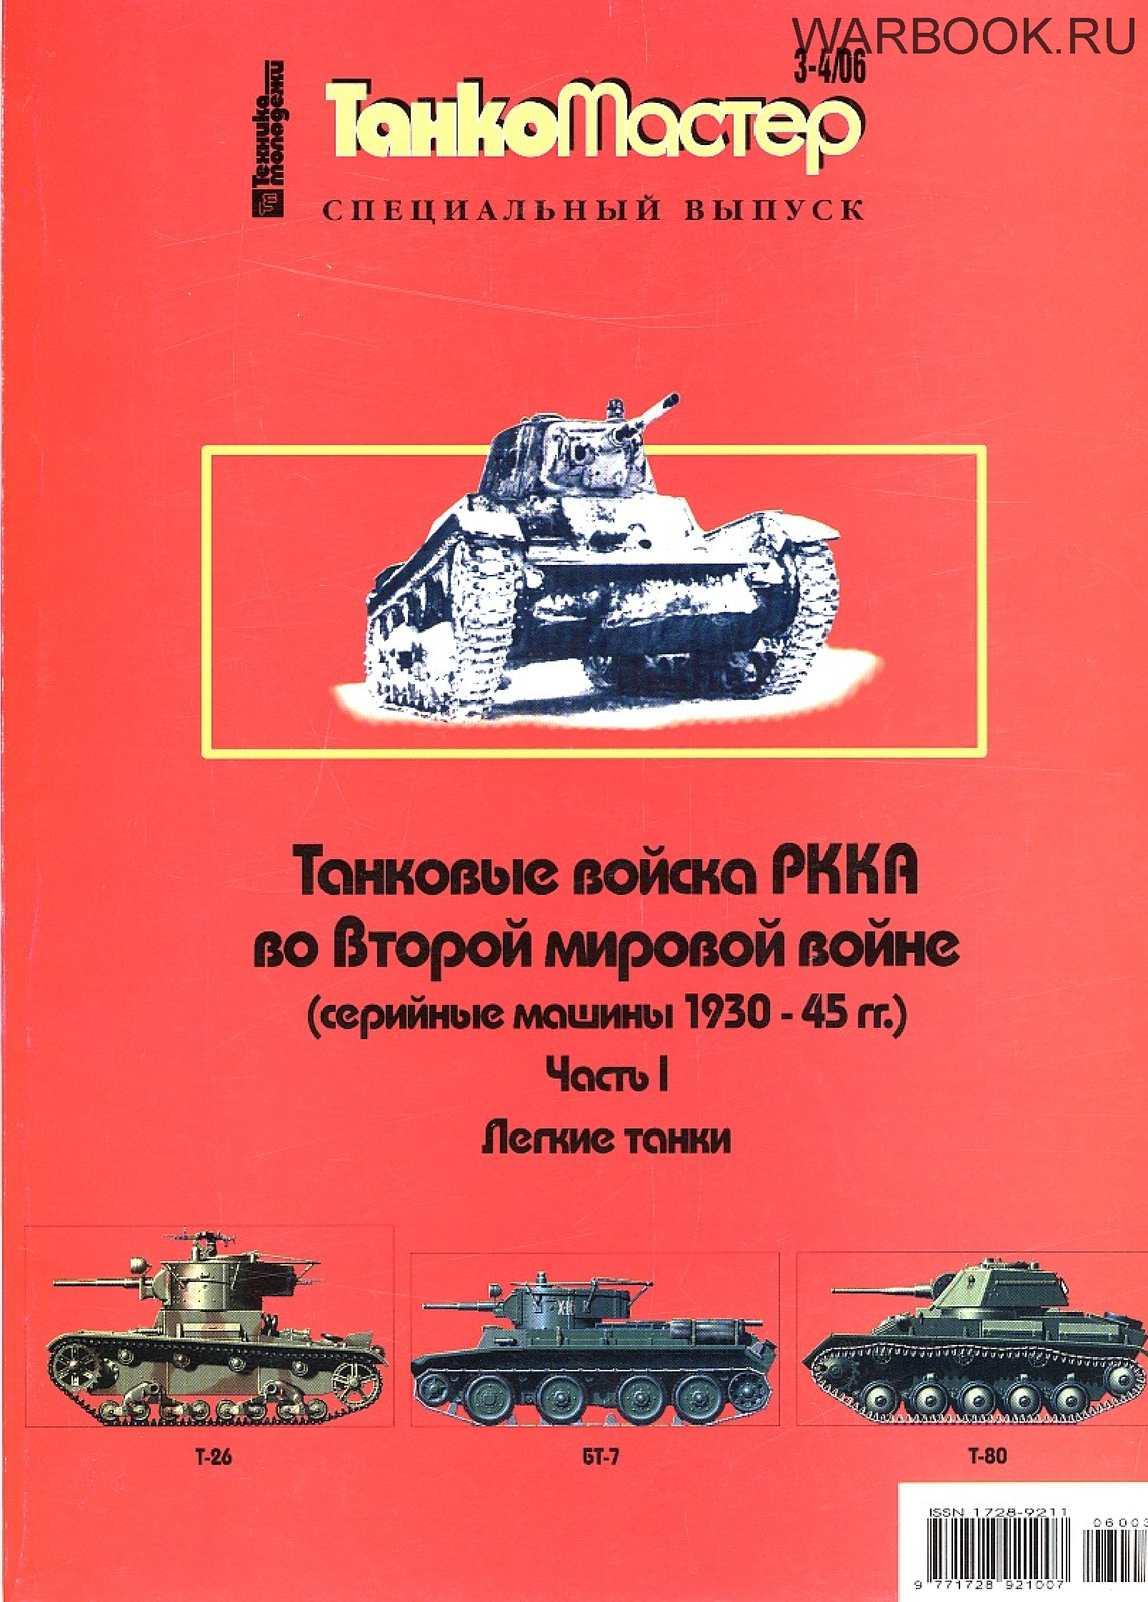 Танкомастер 2006-03-04